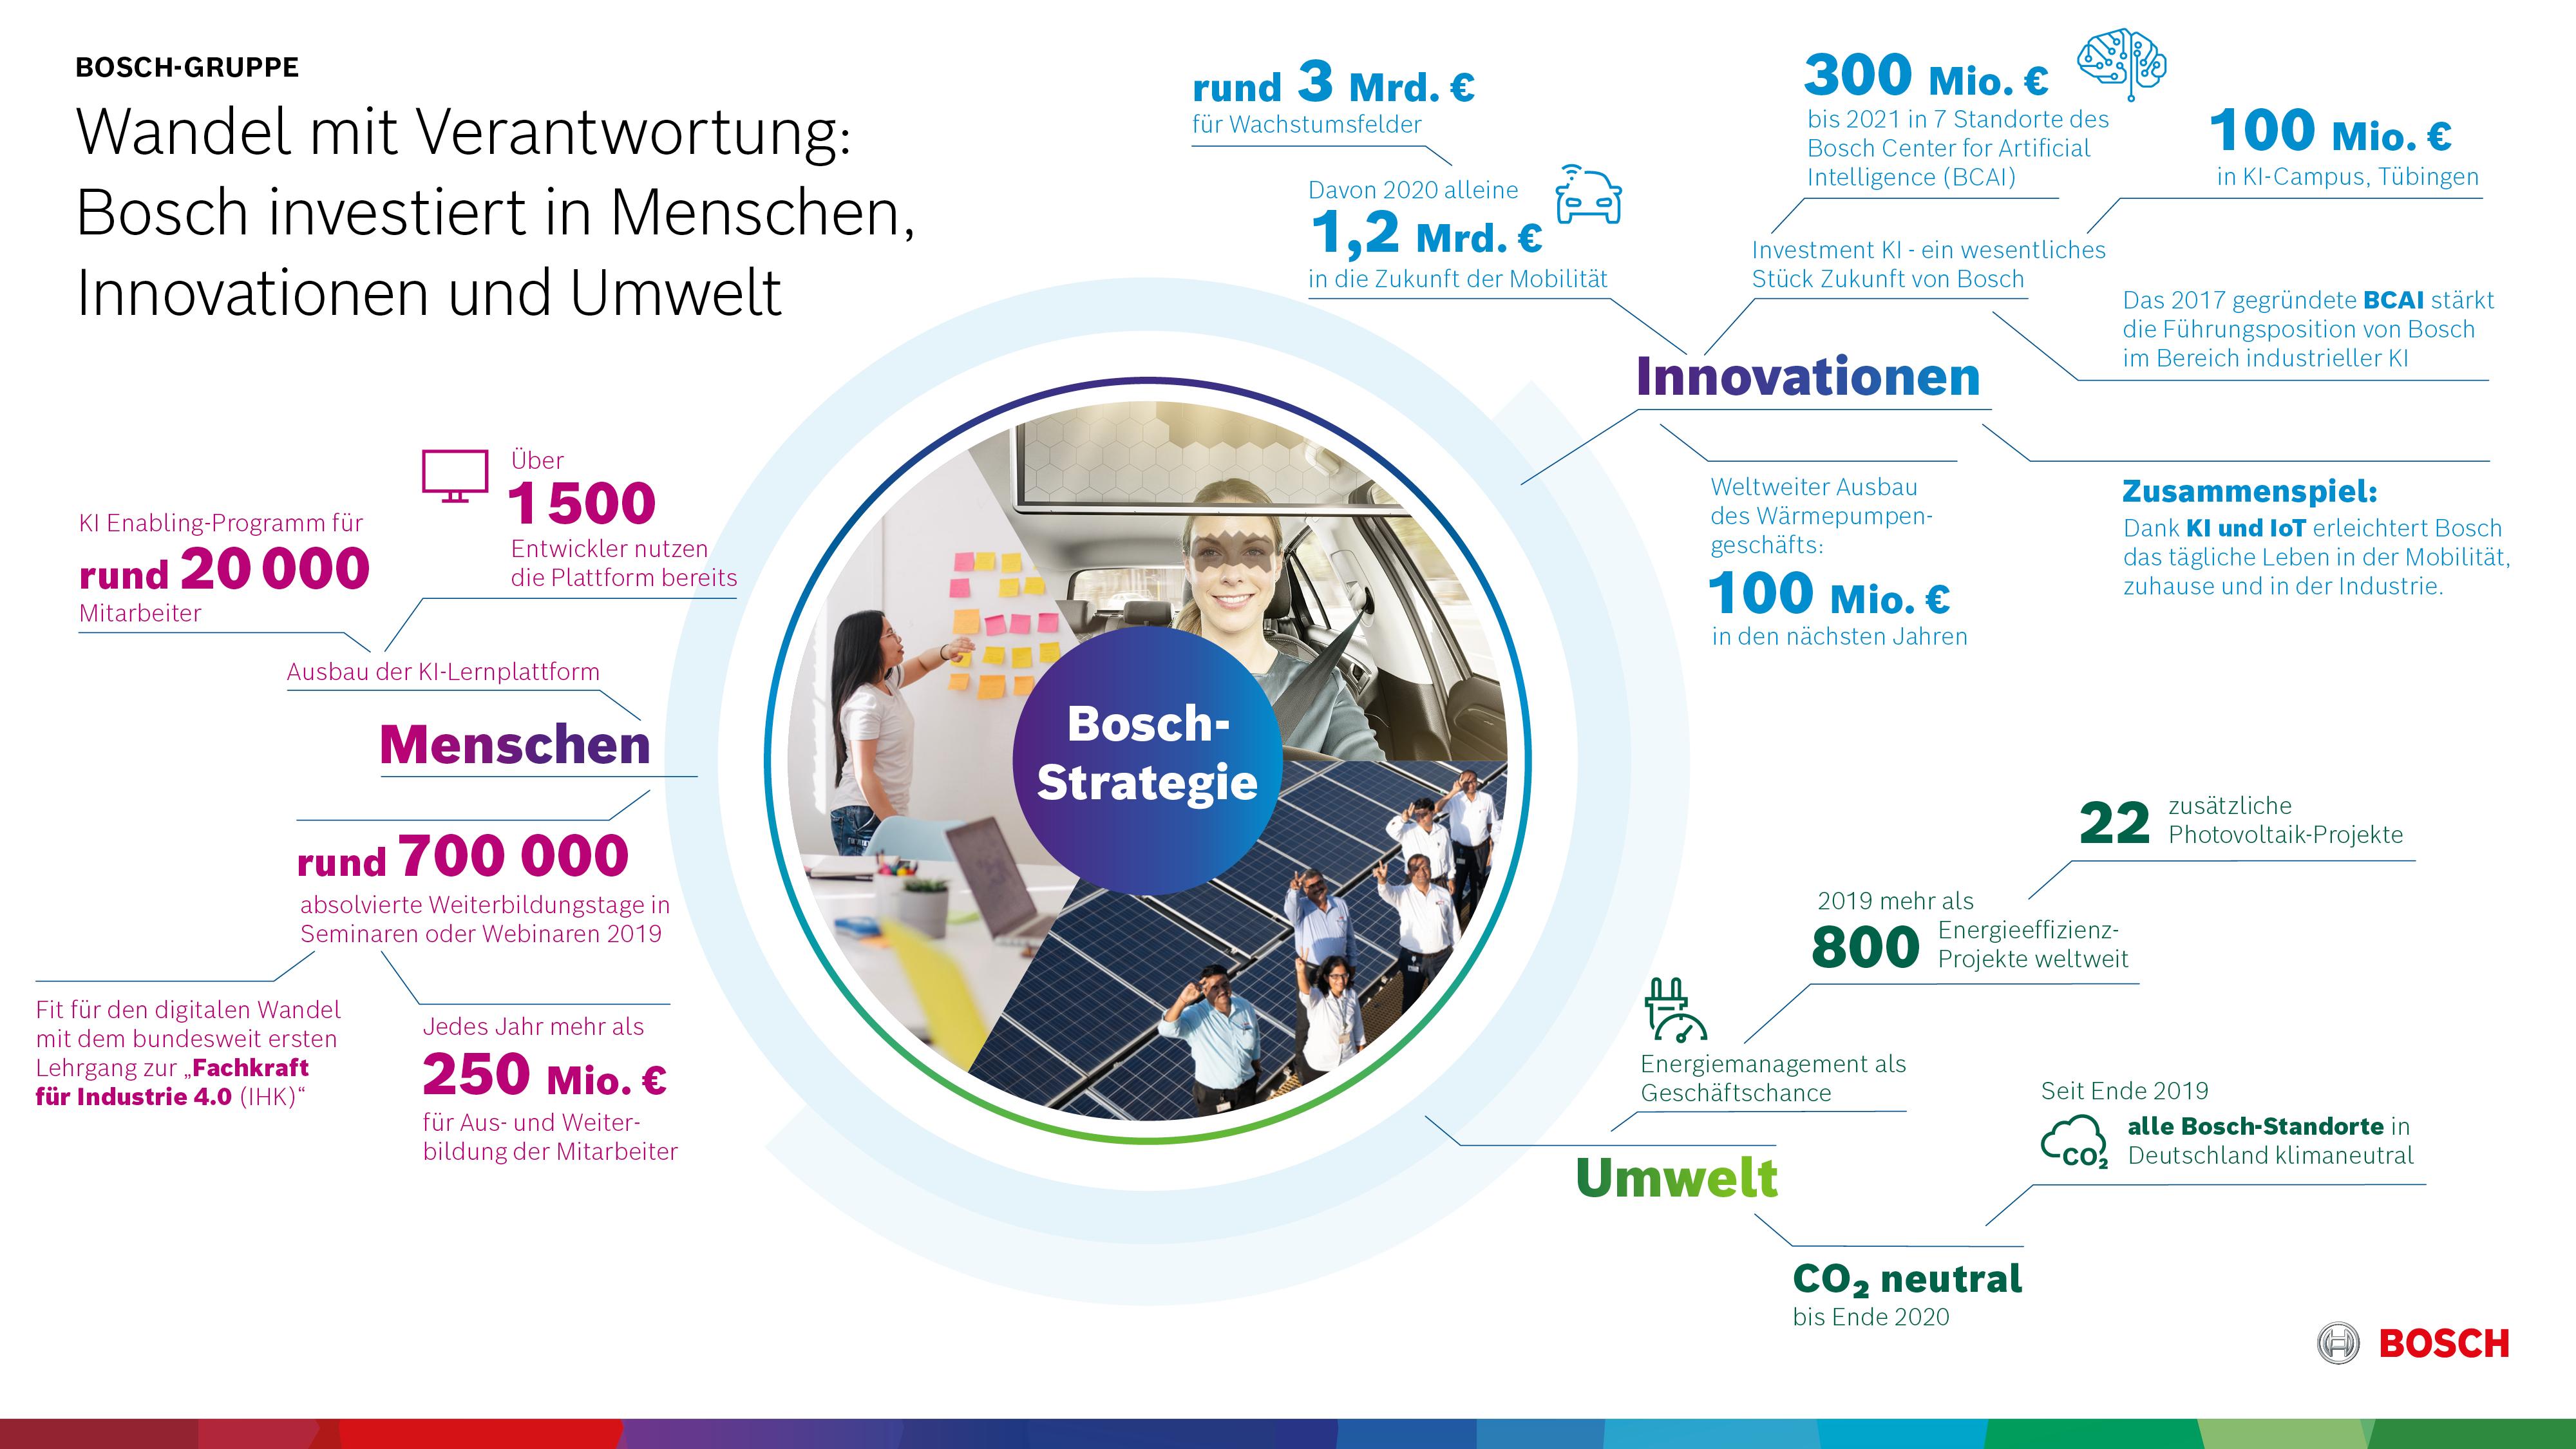 Bosch: Široké portfolio zajišťuje vysoký obrat - nepříznivé okolnosti negativně ovlivňují výsledek